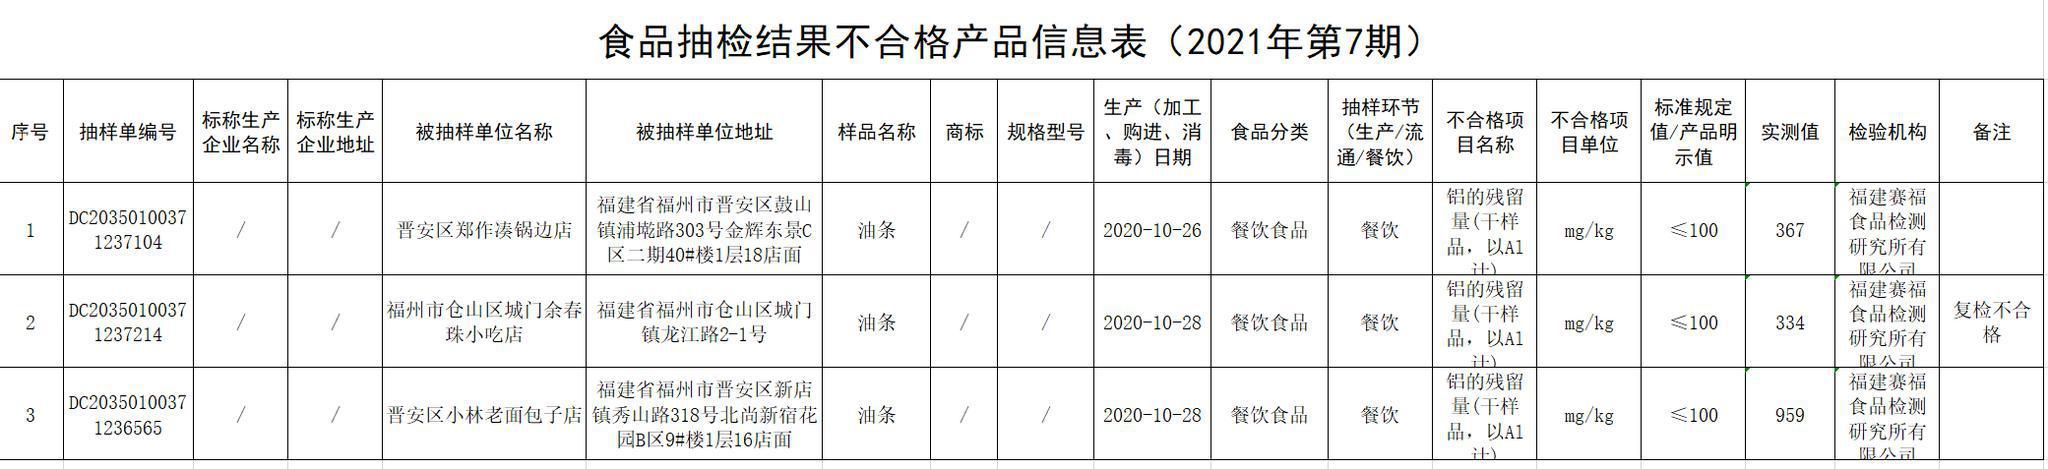 福州市市场监督管理局发布2021年第7期食品安全监督抽检信息